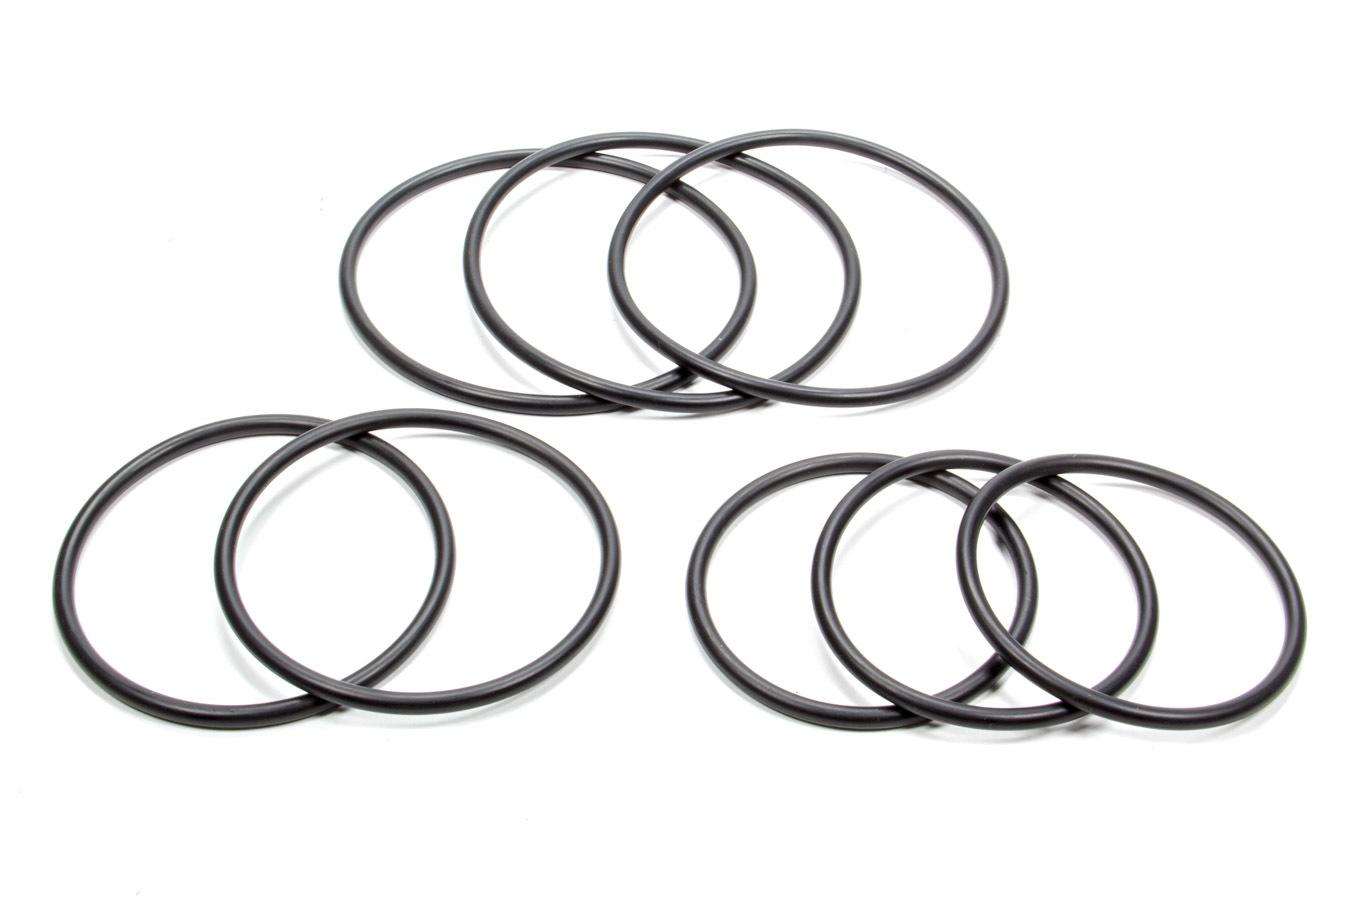 Ati Performance Elastomer Kit - 3 Ring 6.385 w/60/60/70